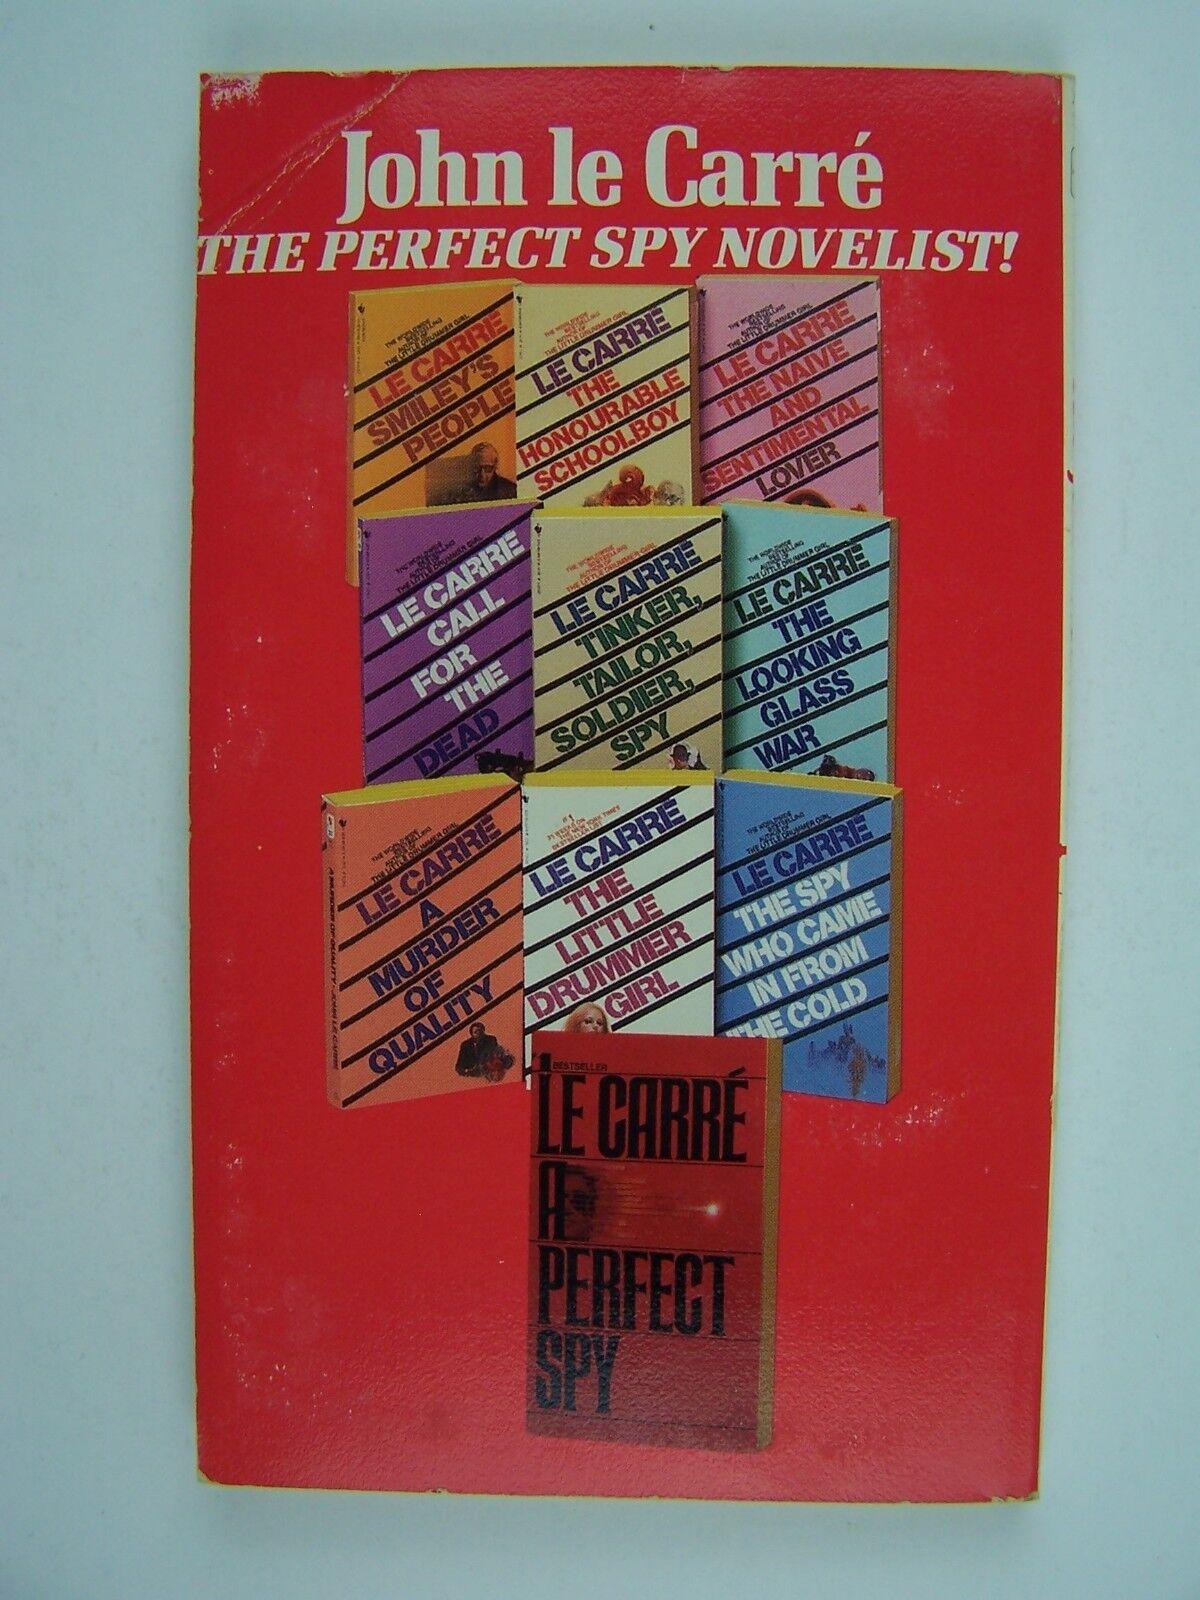 John Le Carre Sampler Paperback 1987 Rare 9780553179750